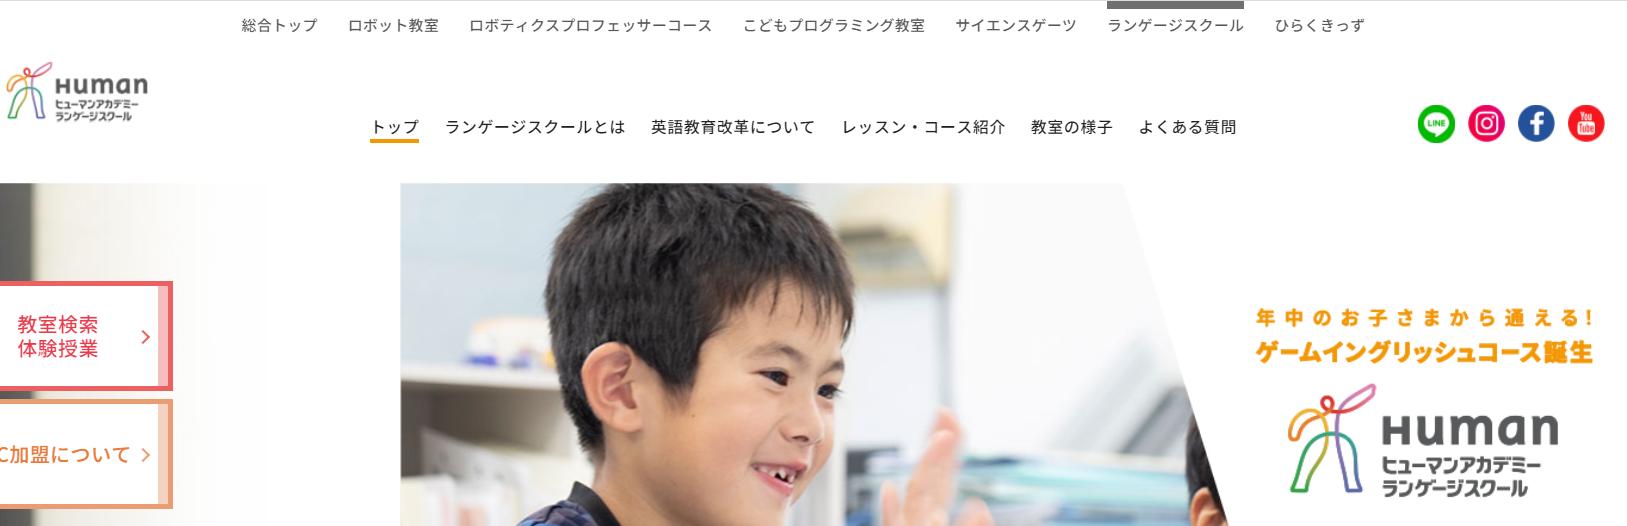 ヒューマンアカデミーランゲージスクール公式サイトのトップ画像